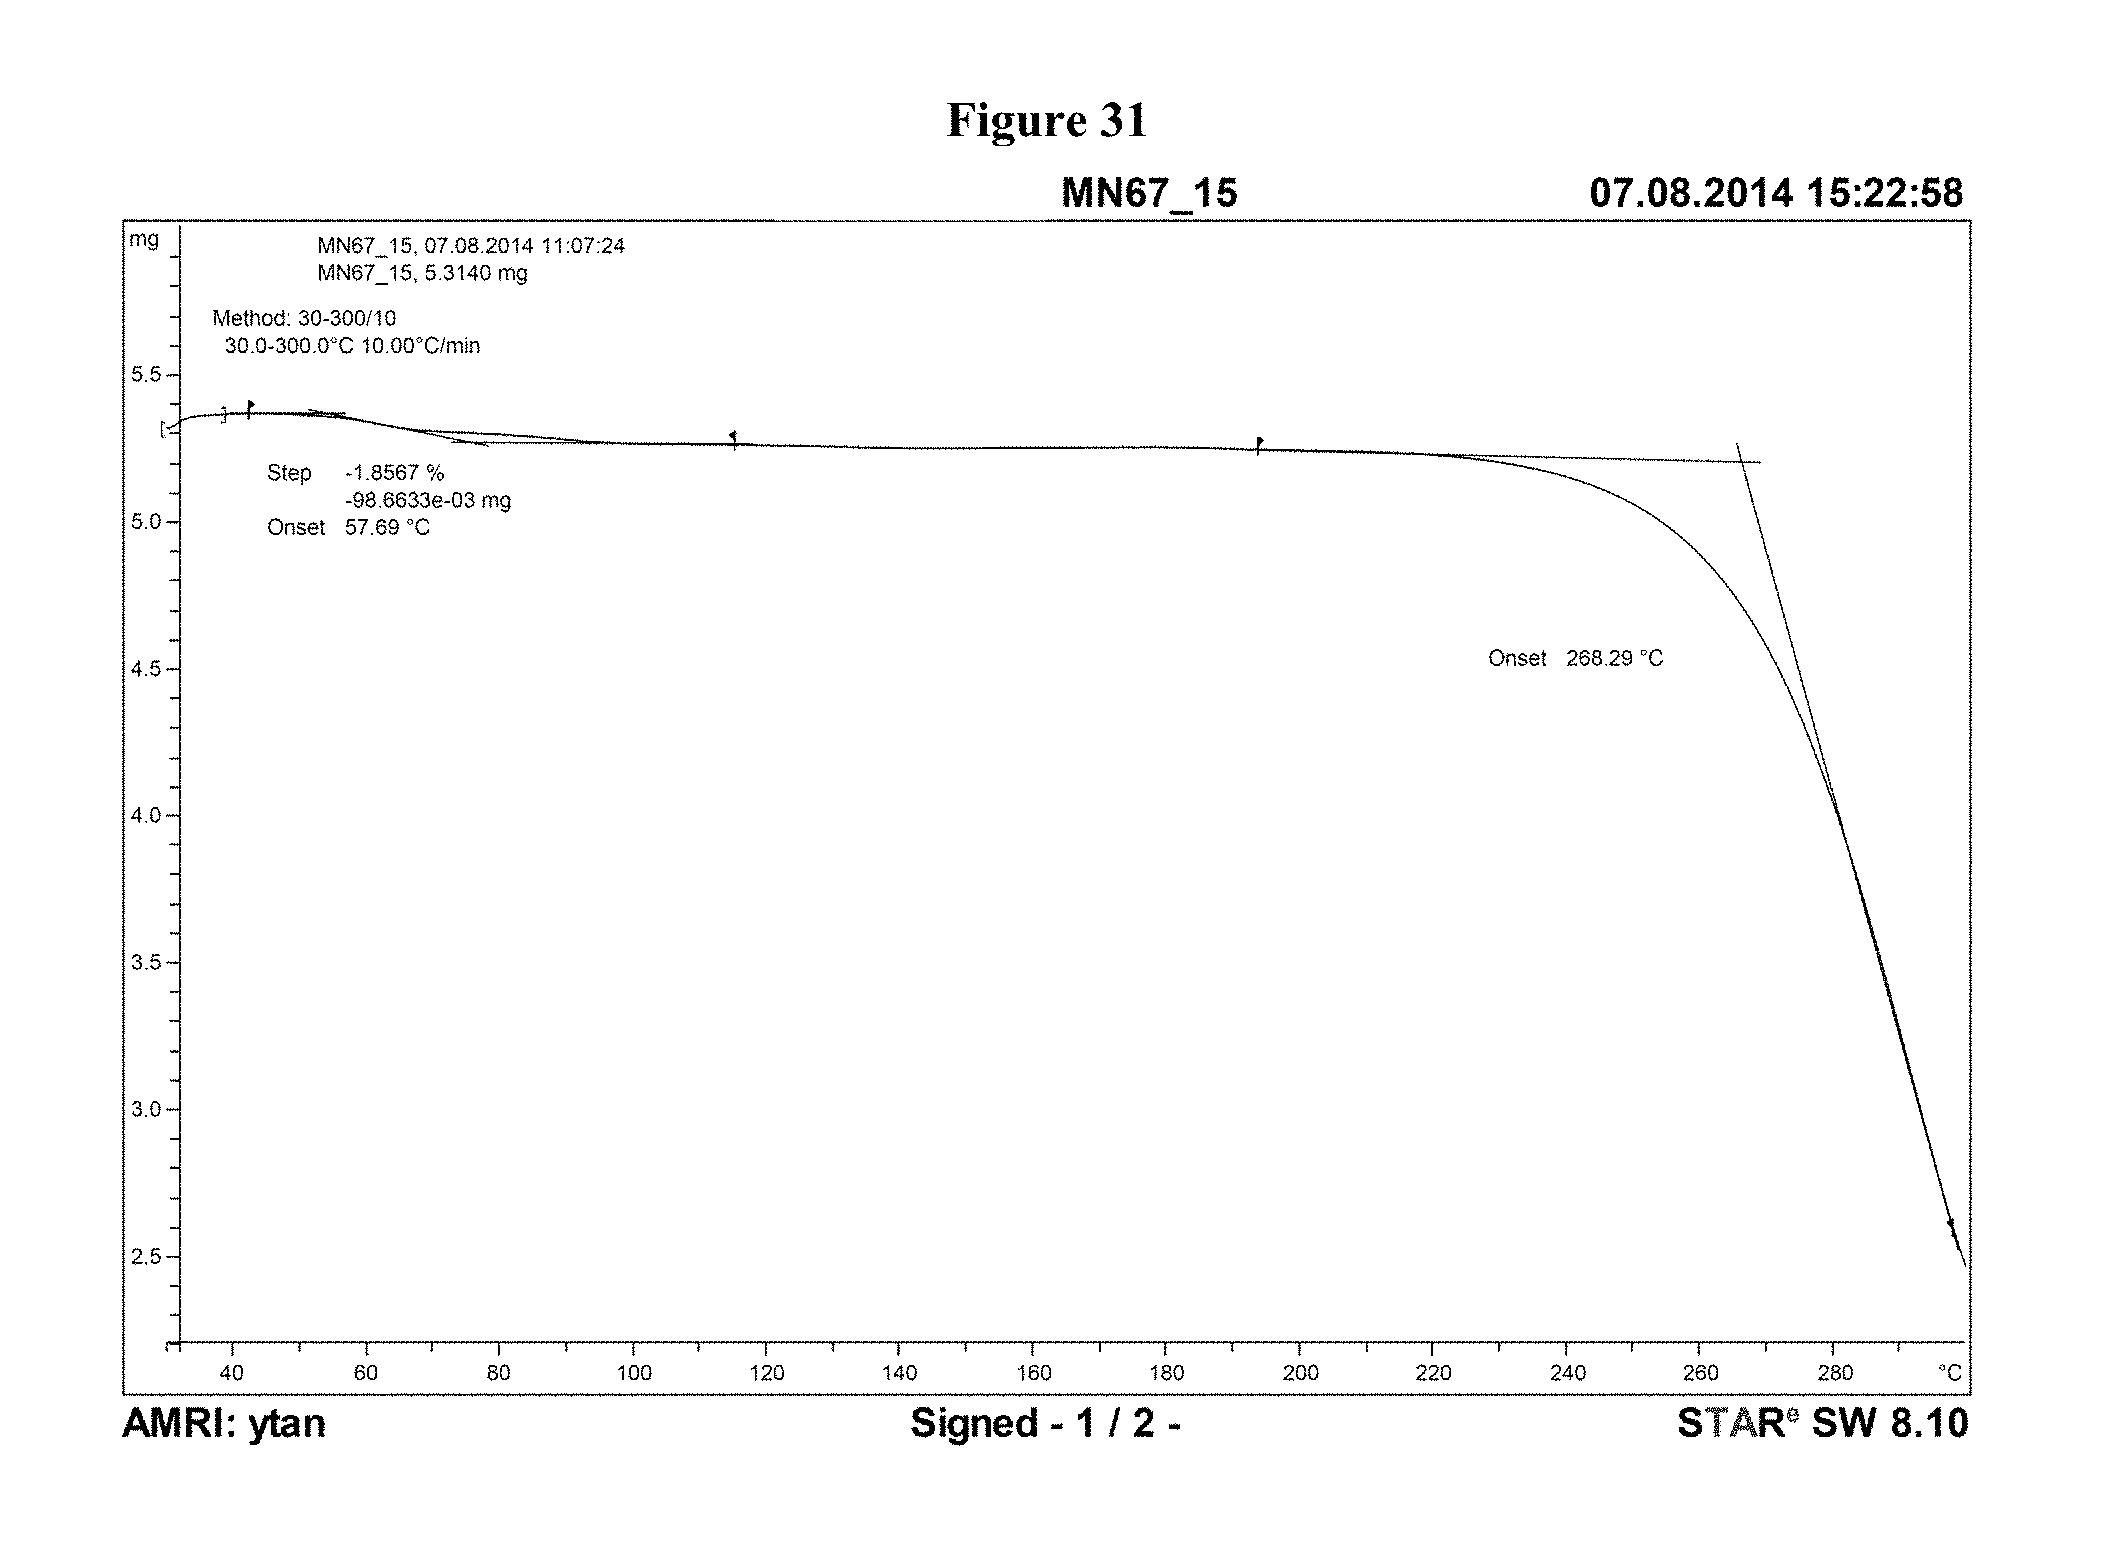 psa elevado 3.77 próstata irrelevante